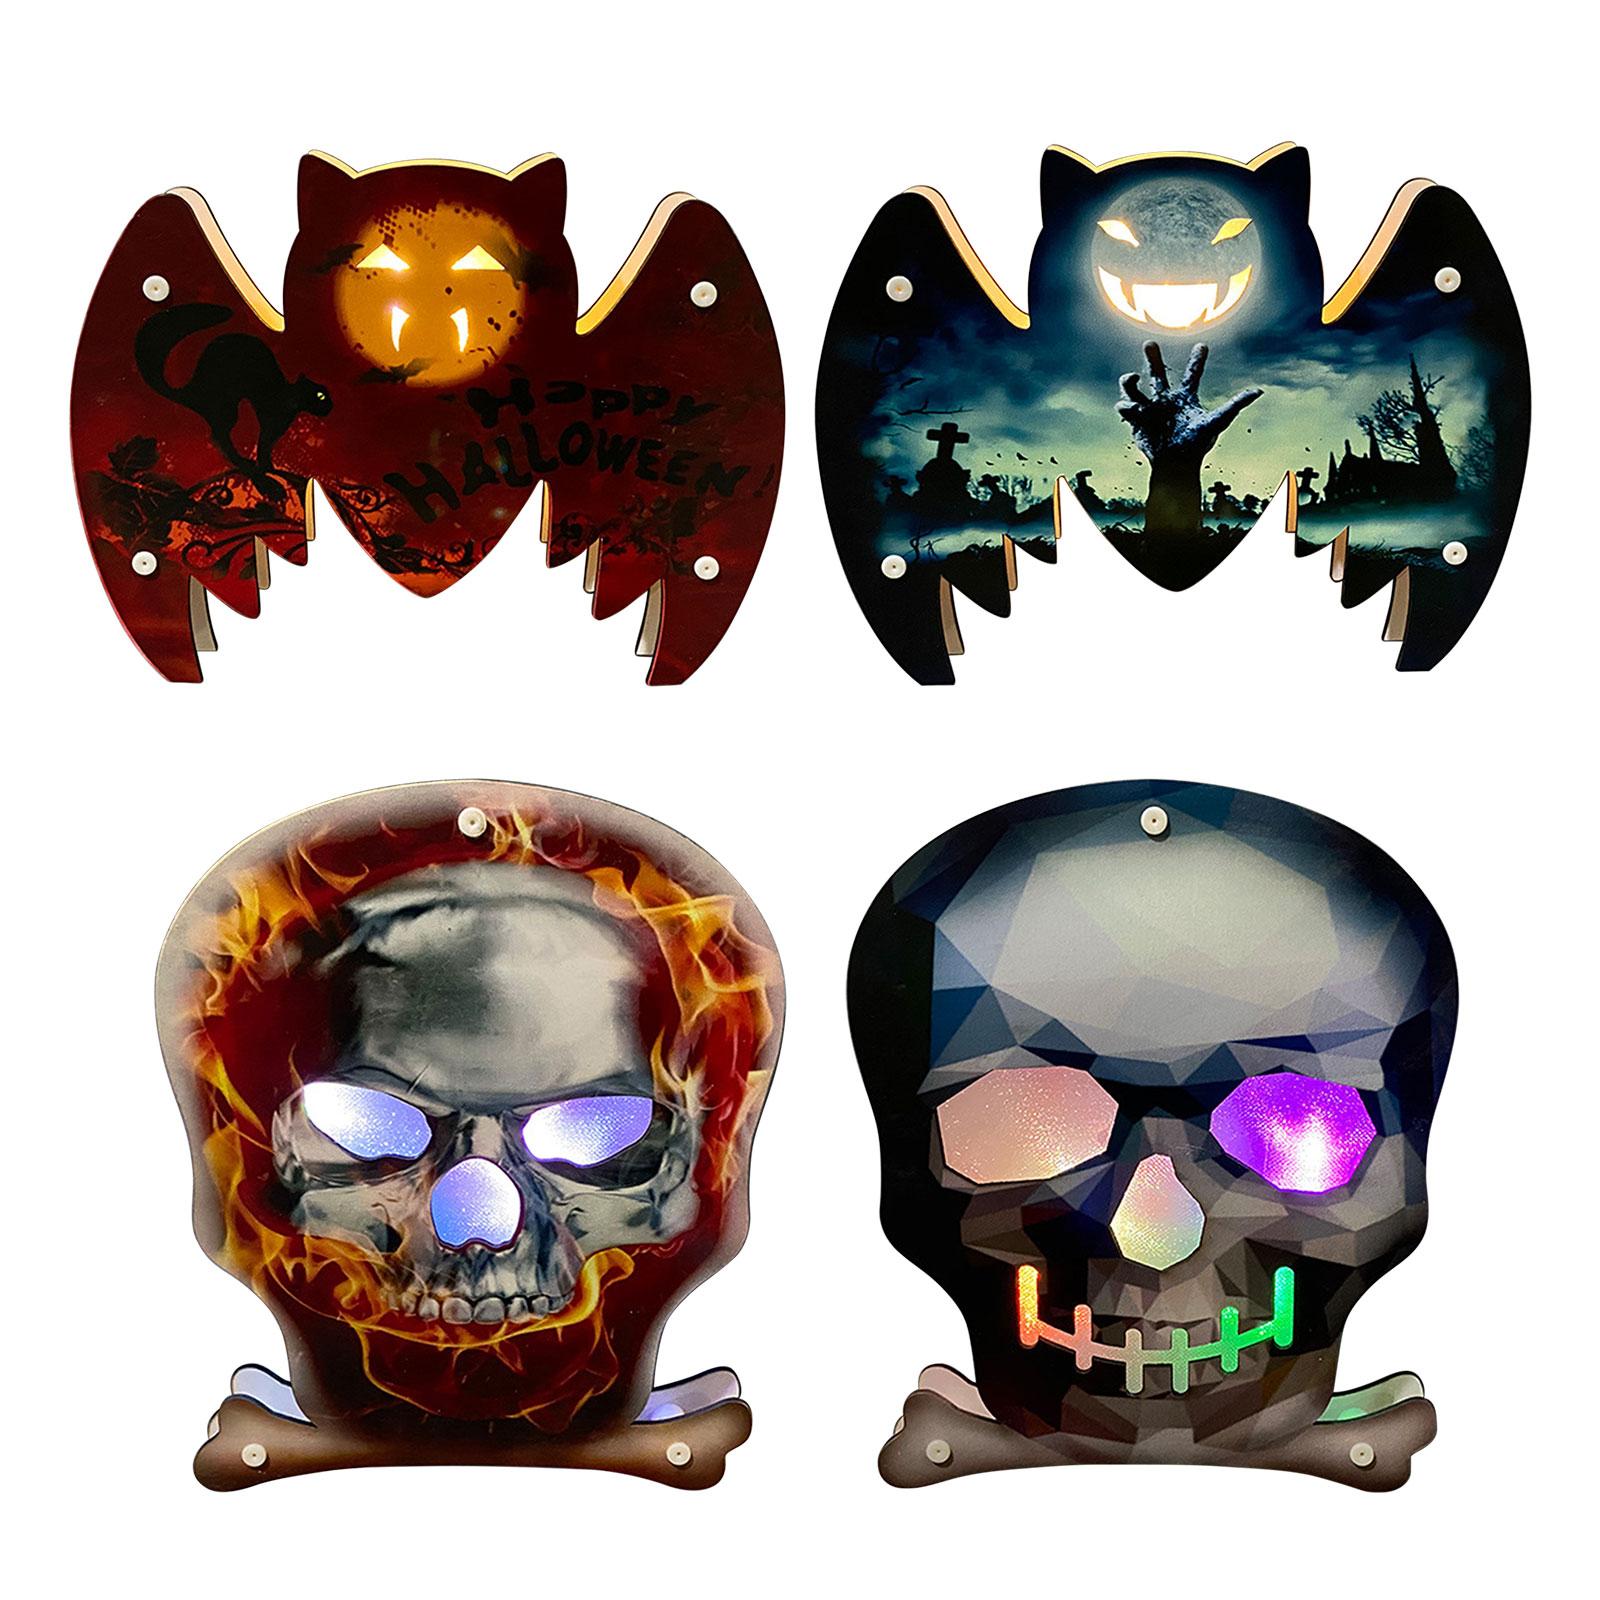 Halloween Decorations Wooden Hanging Bat Skull with Lights Indoor Outdoor, 501 Original, Cesdeals, 1-1  - buy with discount